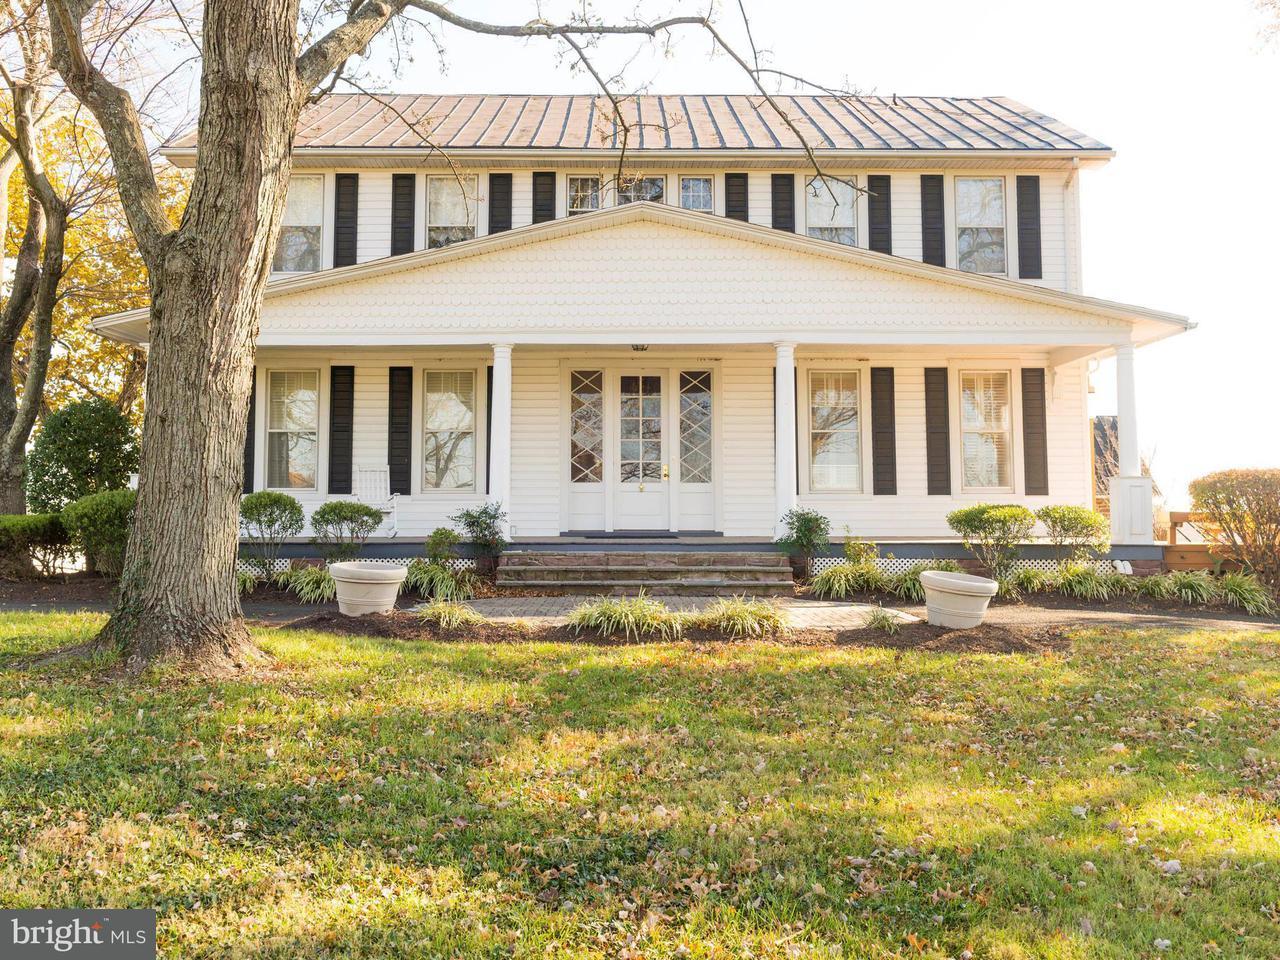 Φάρμα για την Πώληση στο 13613 HOLLY RIDGE Lane 13613 HOLLY RIDGE Lane Gainesville, Βιρτζινια 20155 Ηνωμενεσ Πολιτειεσ